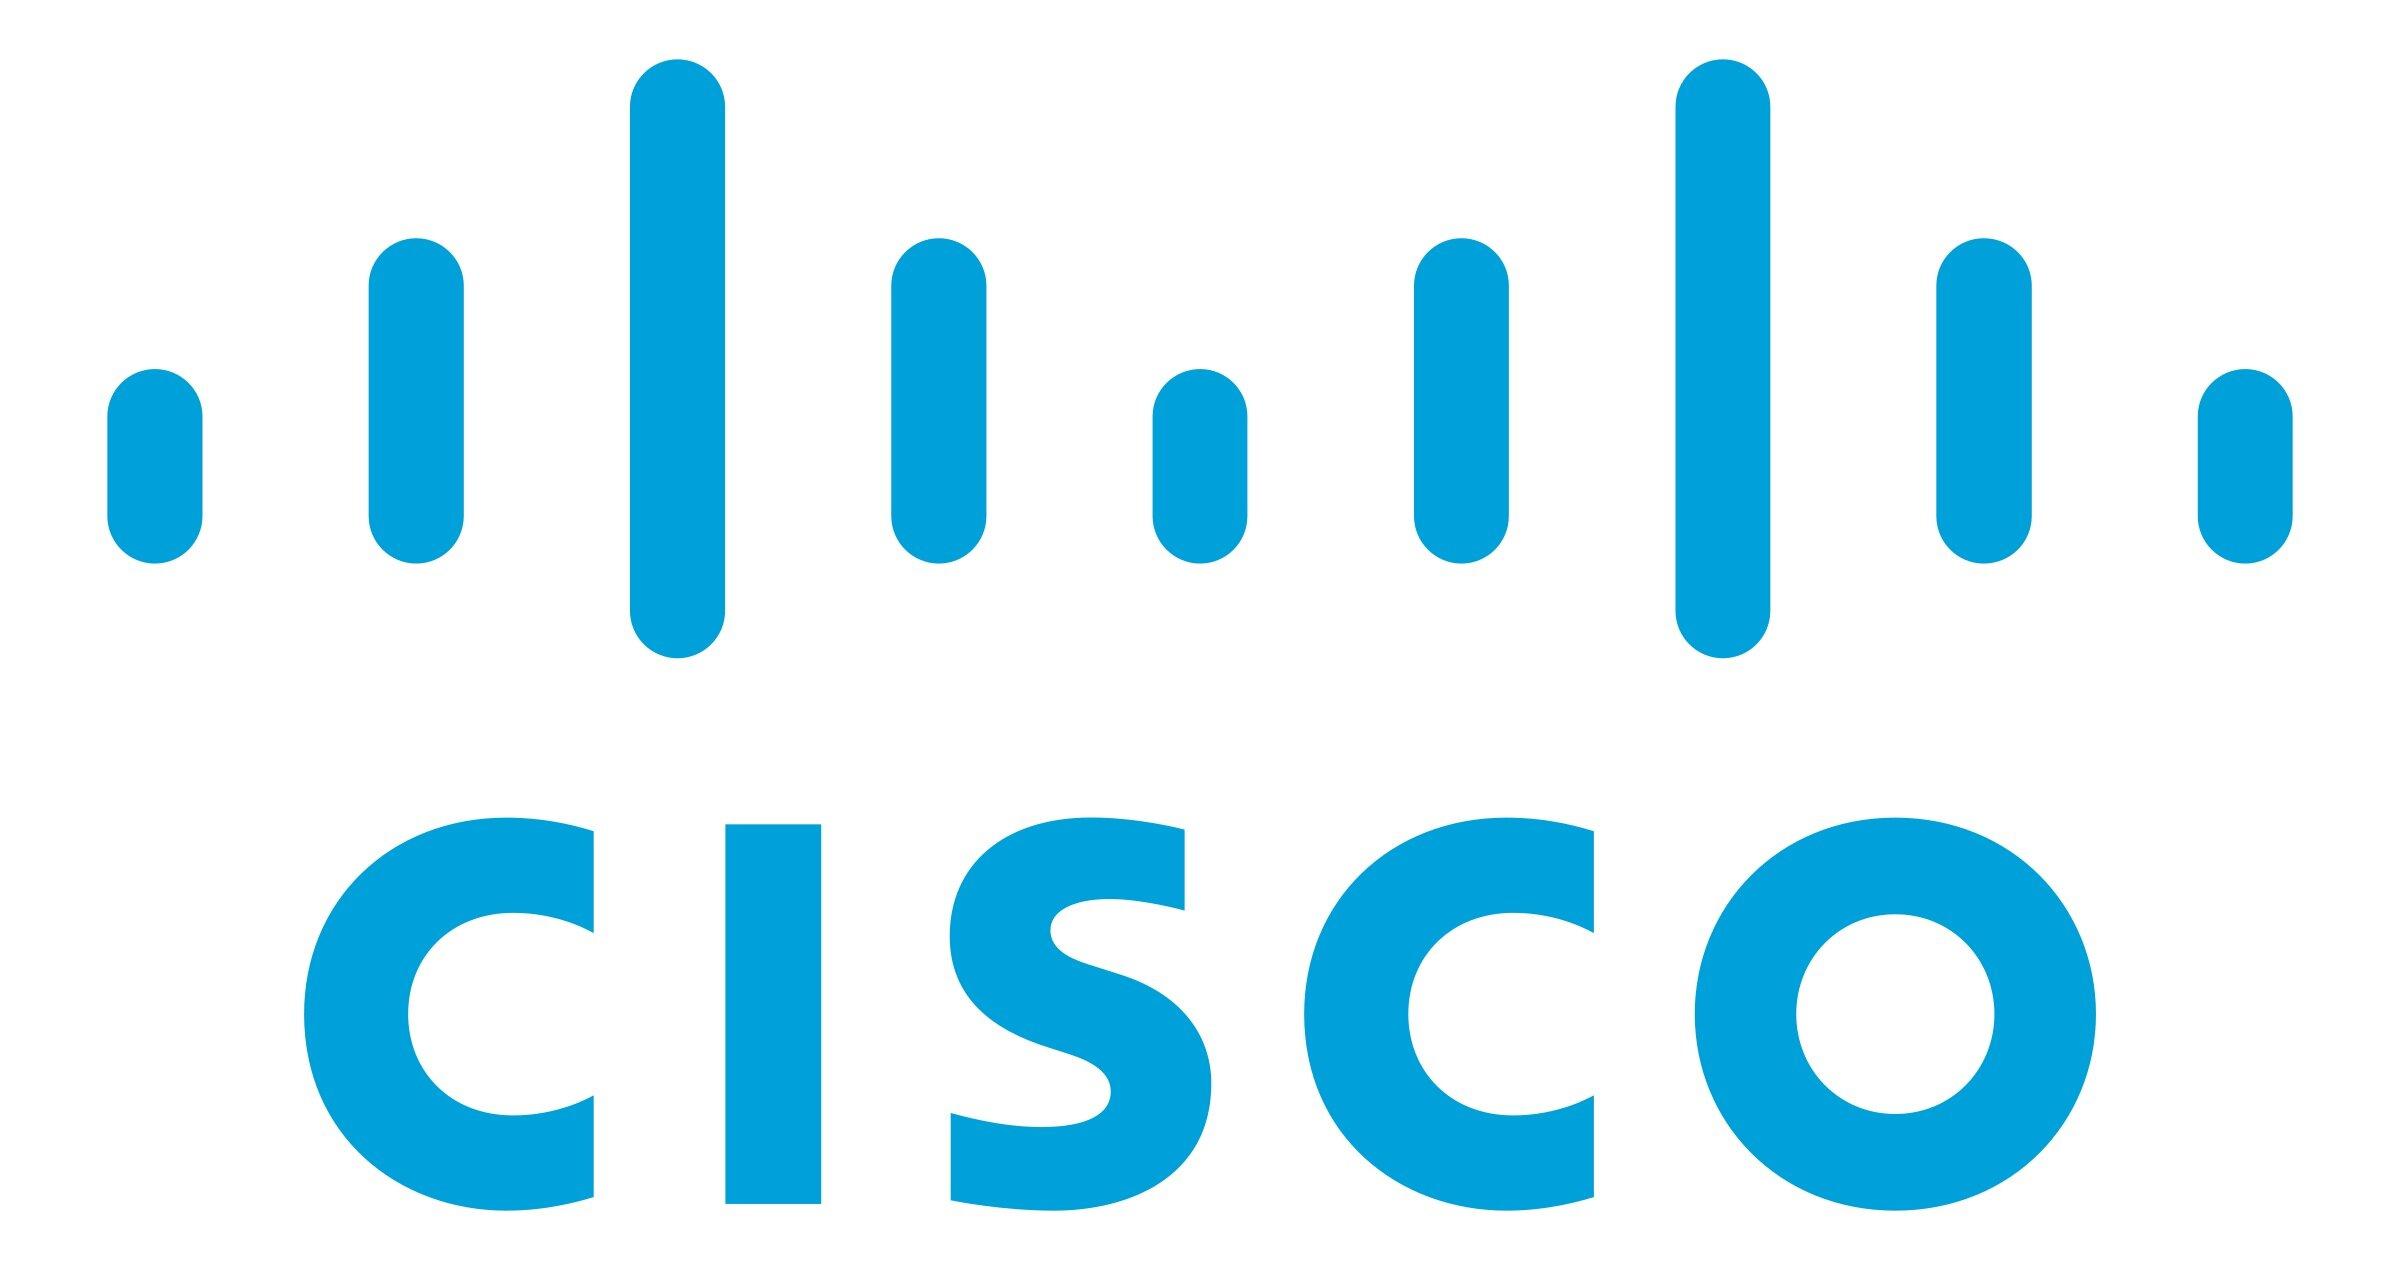 cisco-logo-transparent.jpg